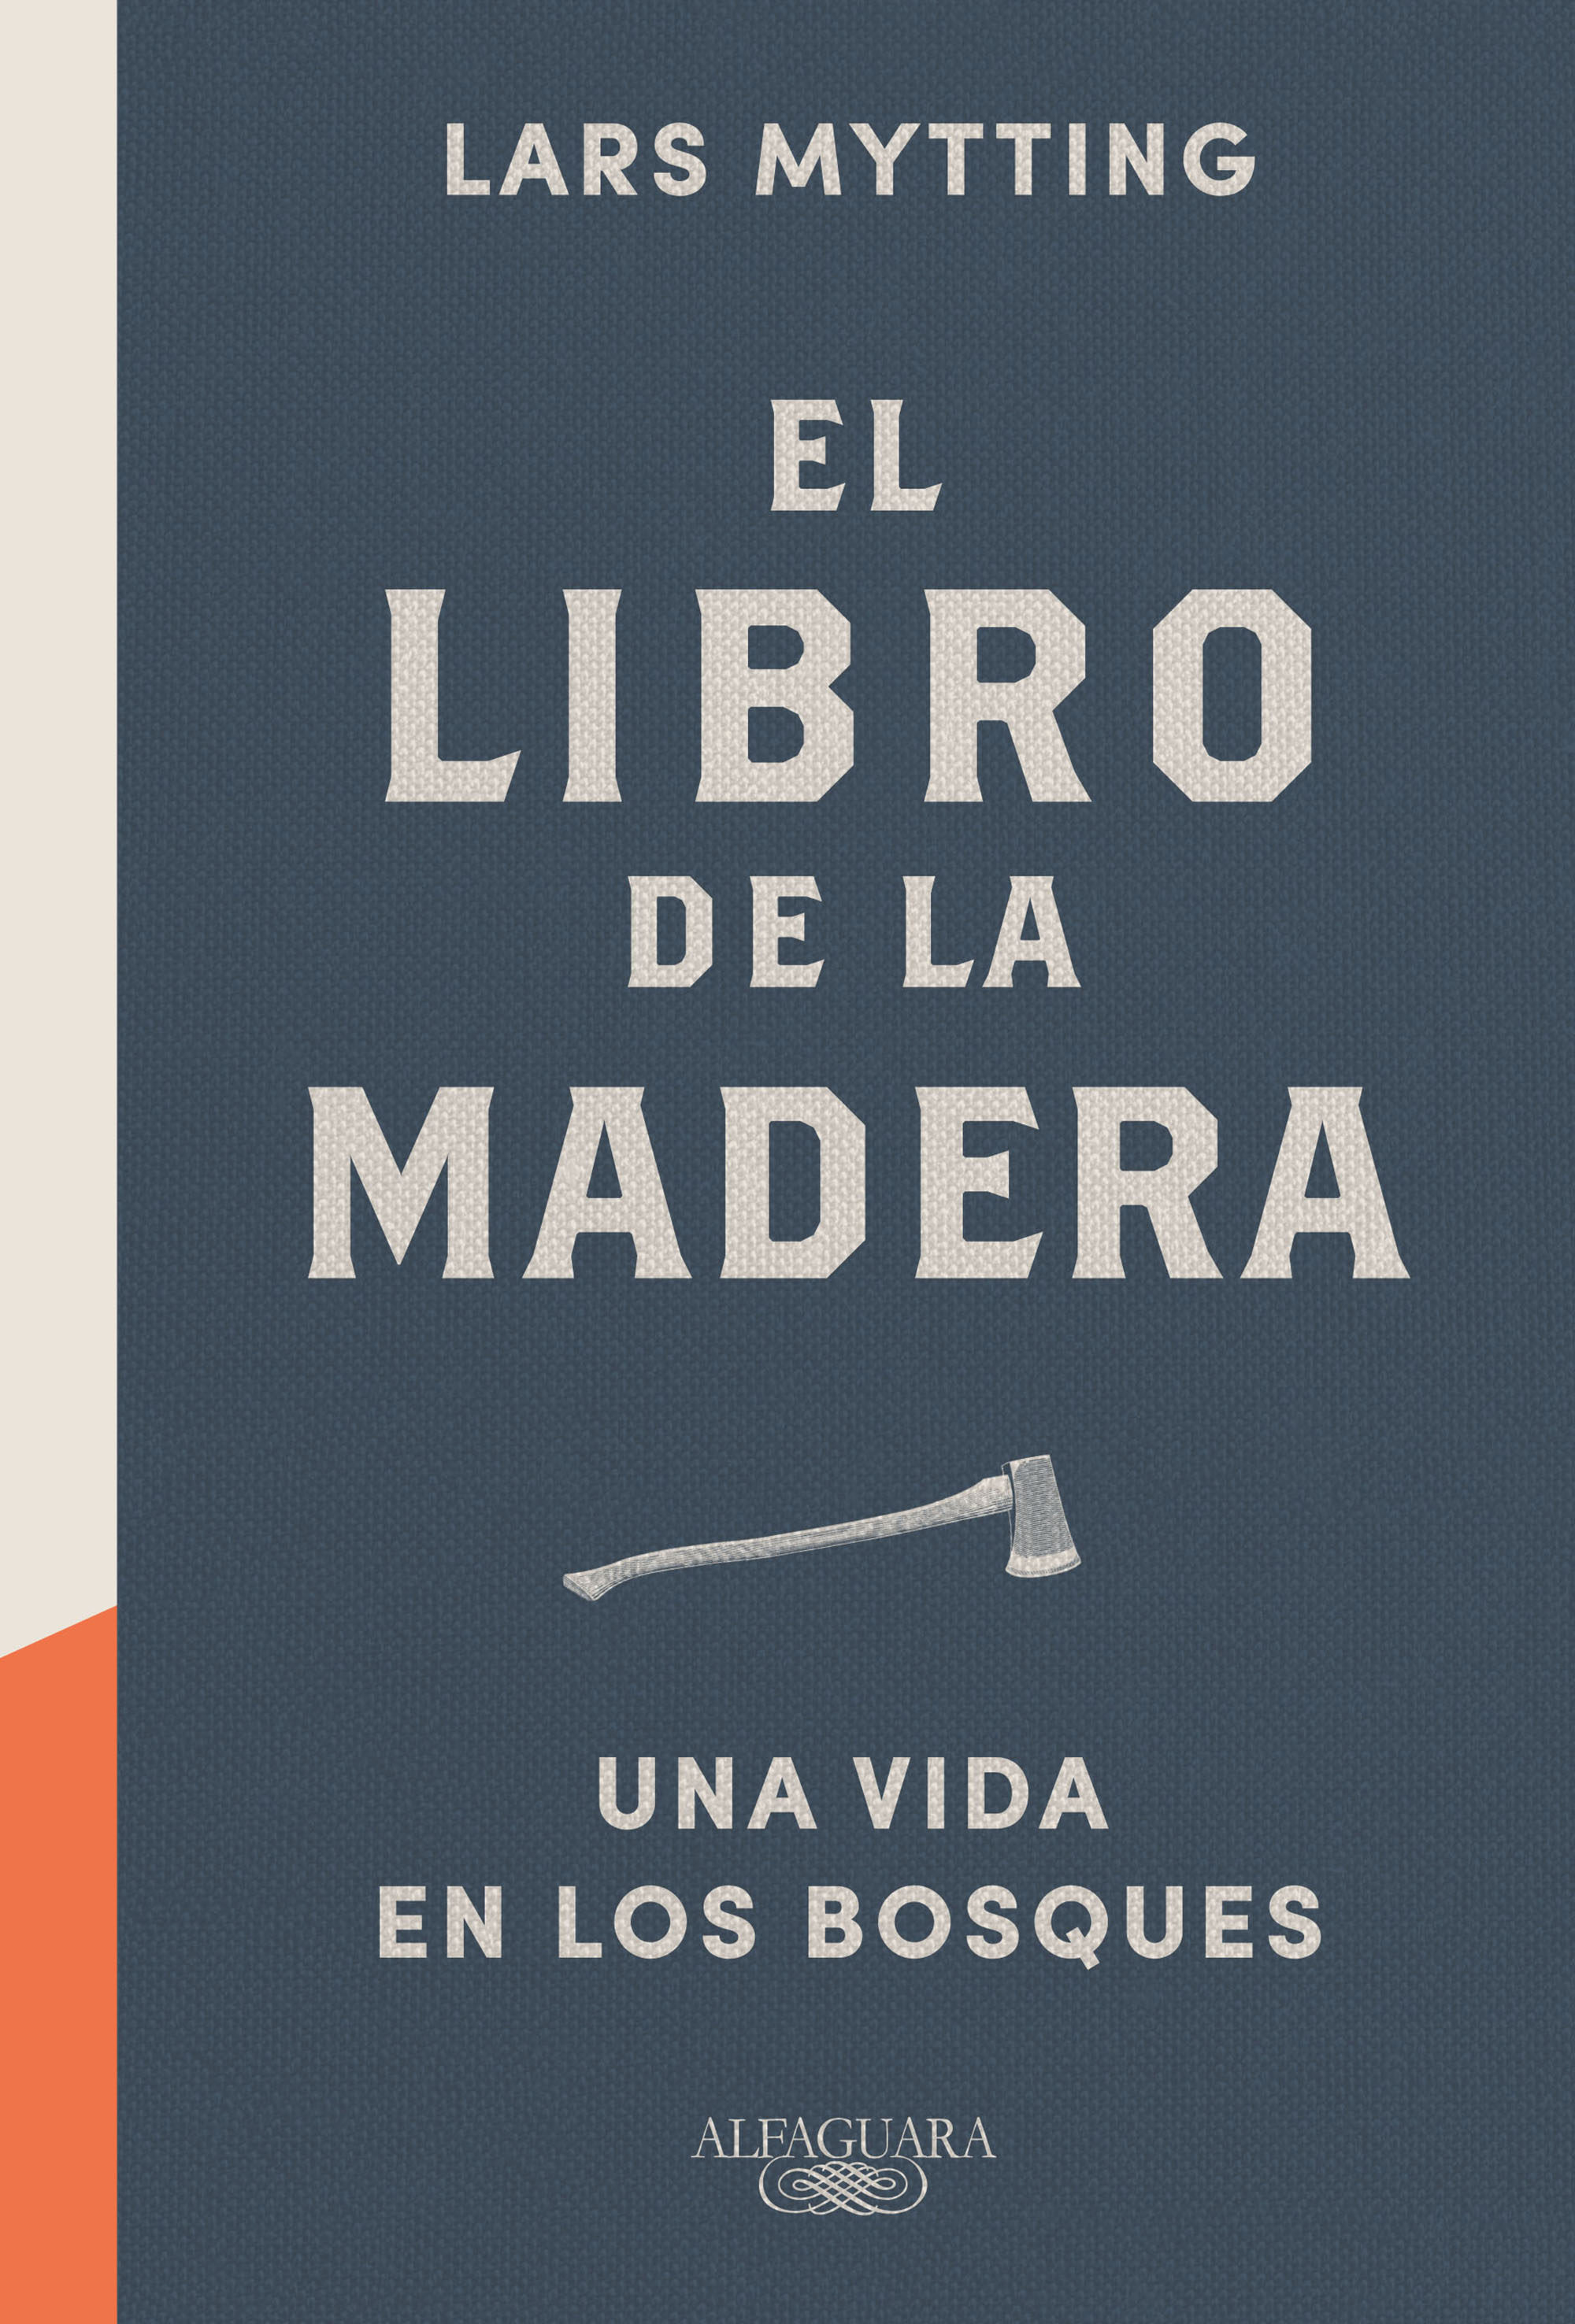 El libro de la madera ebook lars mytting 9788420426242